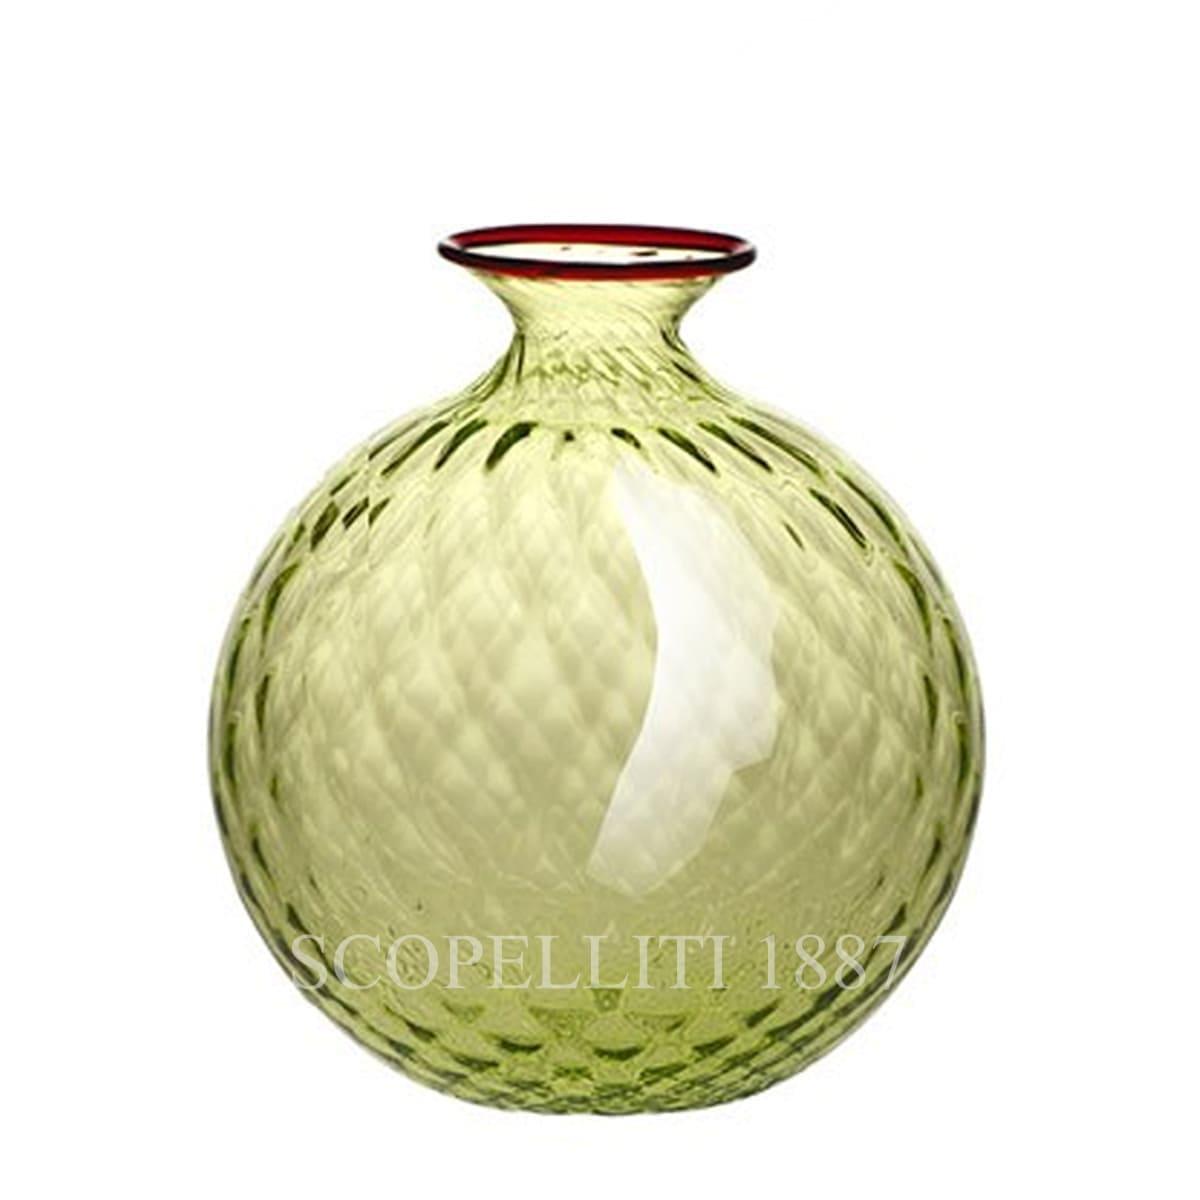 venini murano glass italian monofiore balloton vase limited edition bamboo